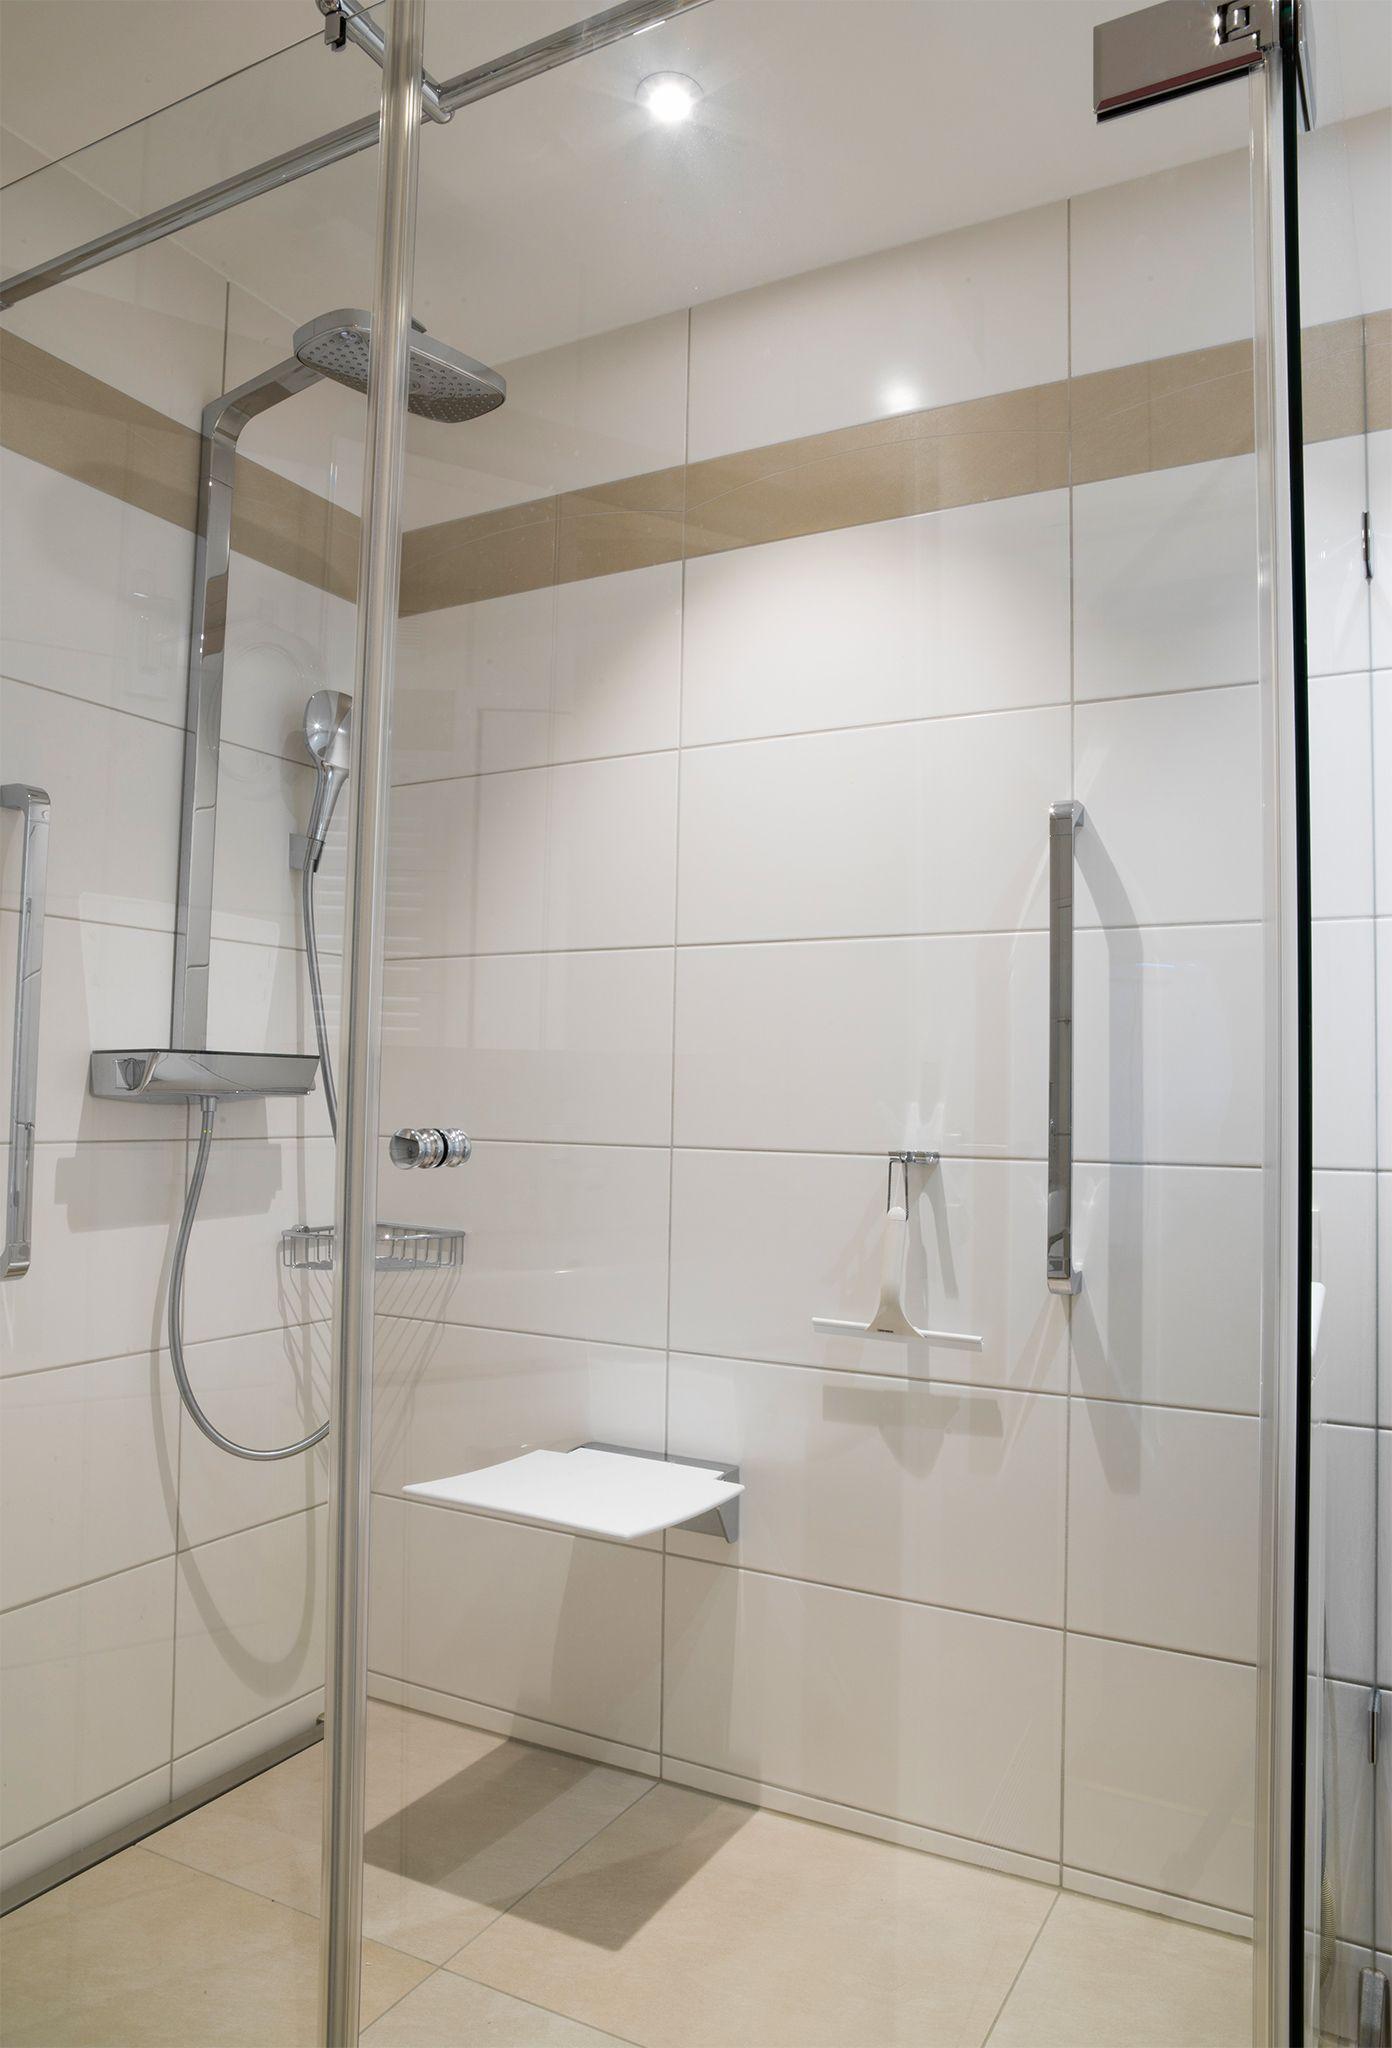 Full Size of Barrierefreies Bad Bedeutung Begehbare Duschen Dusche Ebenerdig Kaufen Hsk Bodengleich Bodengleiche Nachträglich Einbauen Behindertengerechte Rainshower Dusche Behindertengerechte Dusche